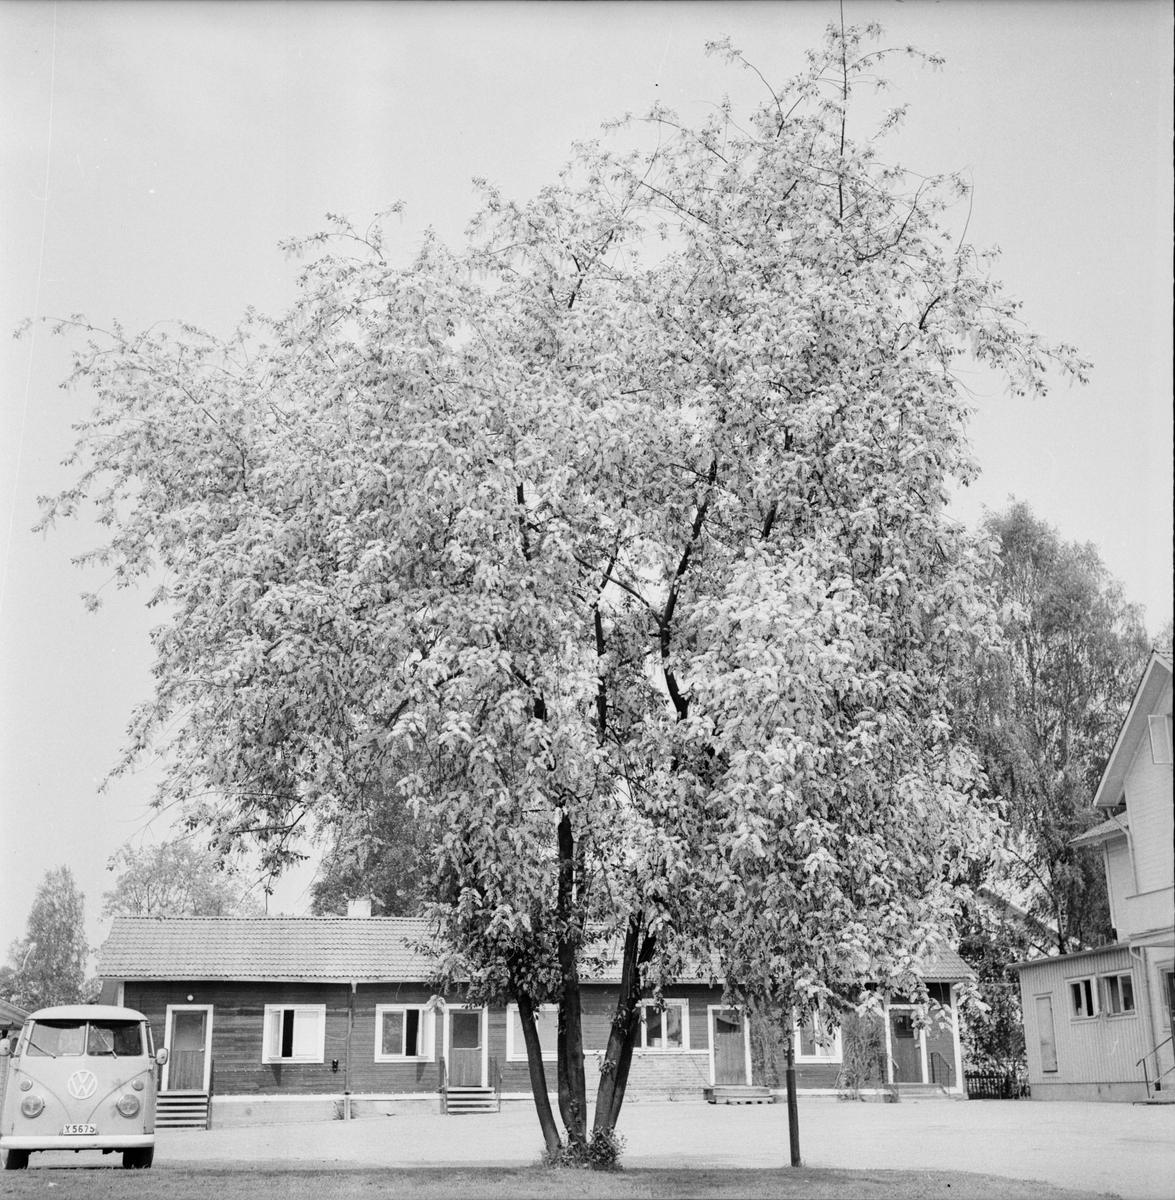 Arbrå, Hägg, Blommande vid värdshuset, Juni 1972